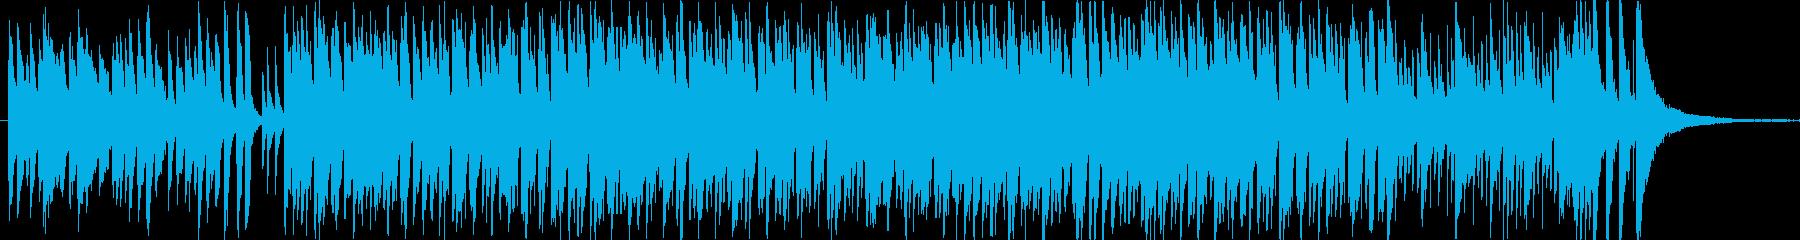 Jazzyなイージーリスンニング系の再生済みの波形